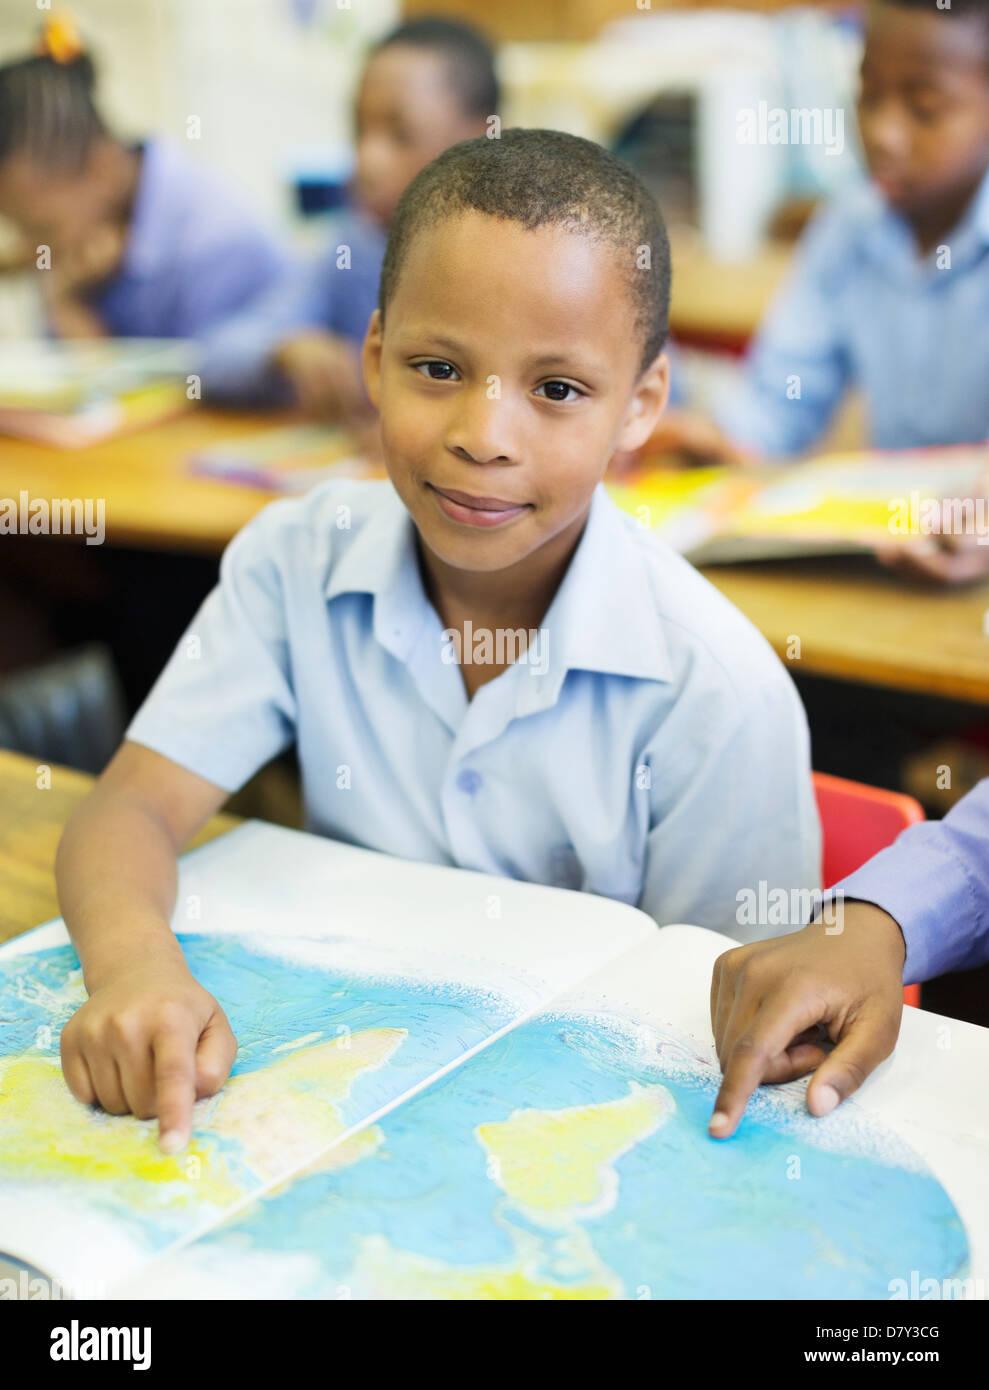 Los estudiantes utilizando mapa del mundo en clase Imagen De Stock